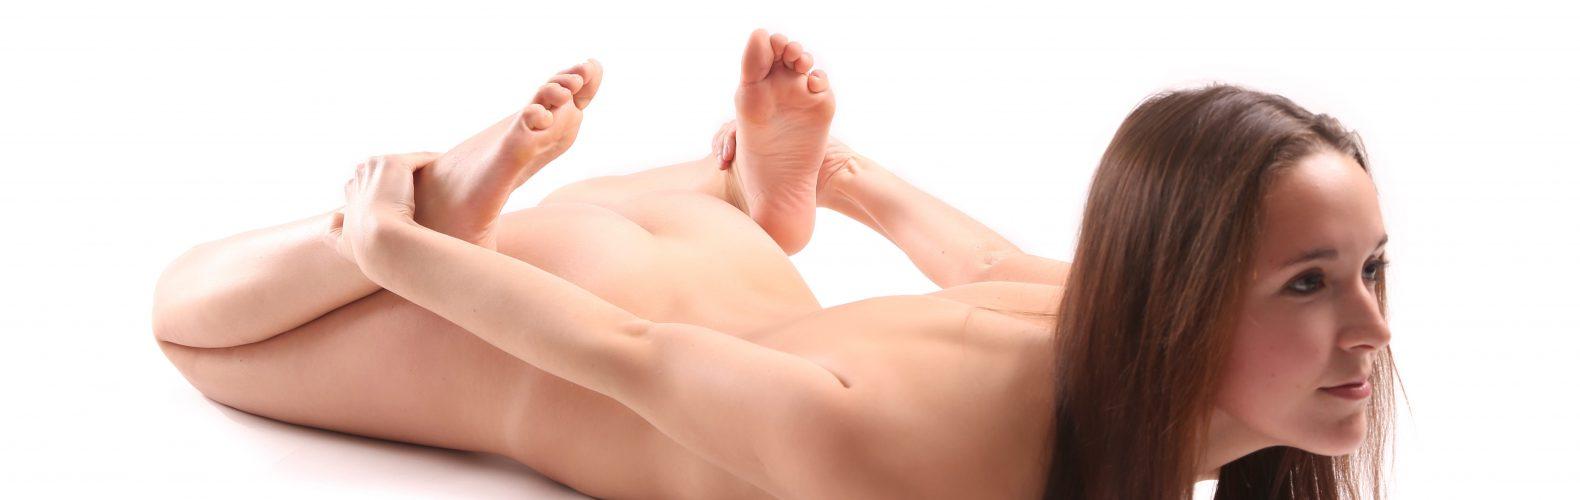 Nackt Yoga Studio Image